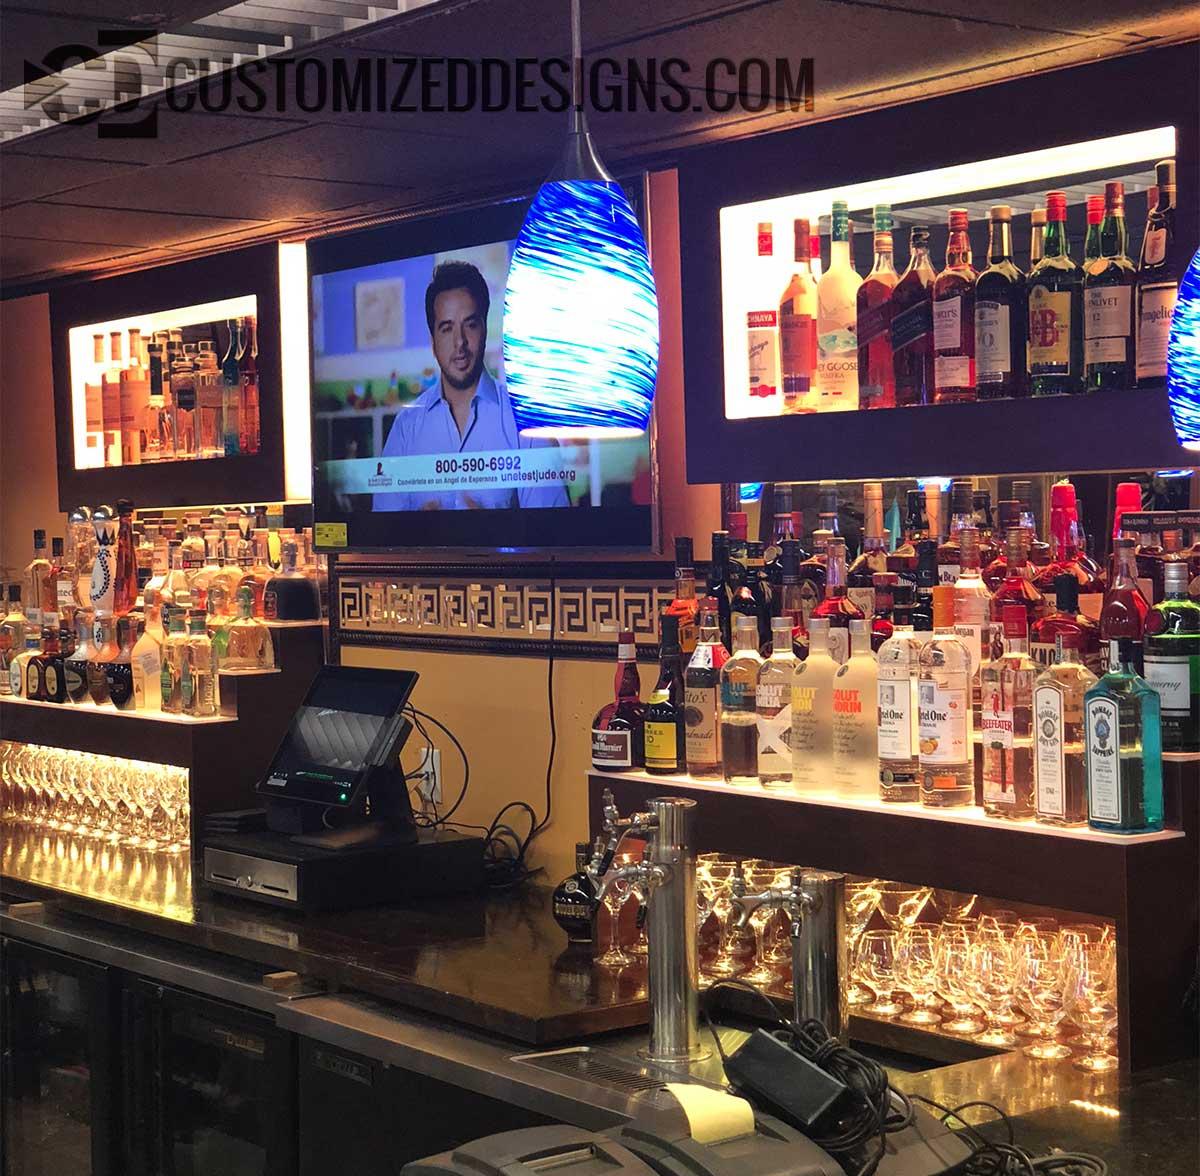 Restaurant Back Bar Display Bar Amp Nightclub Products